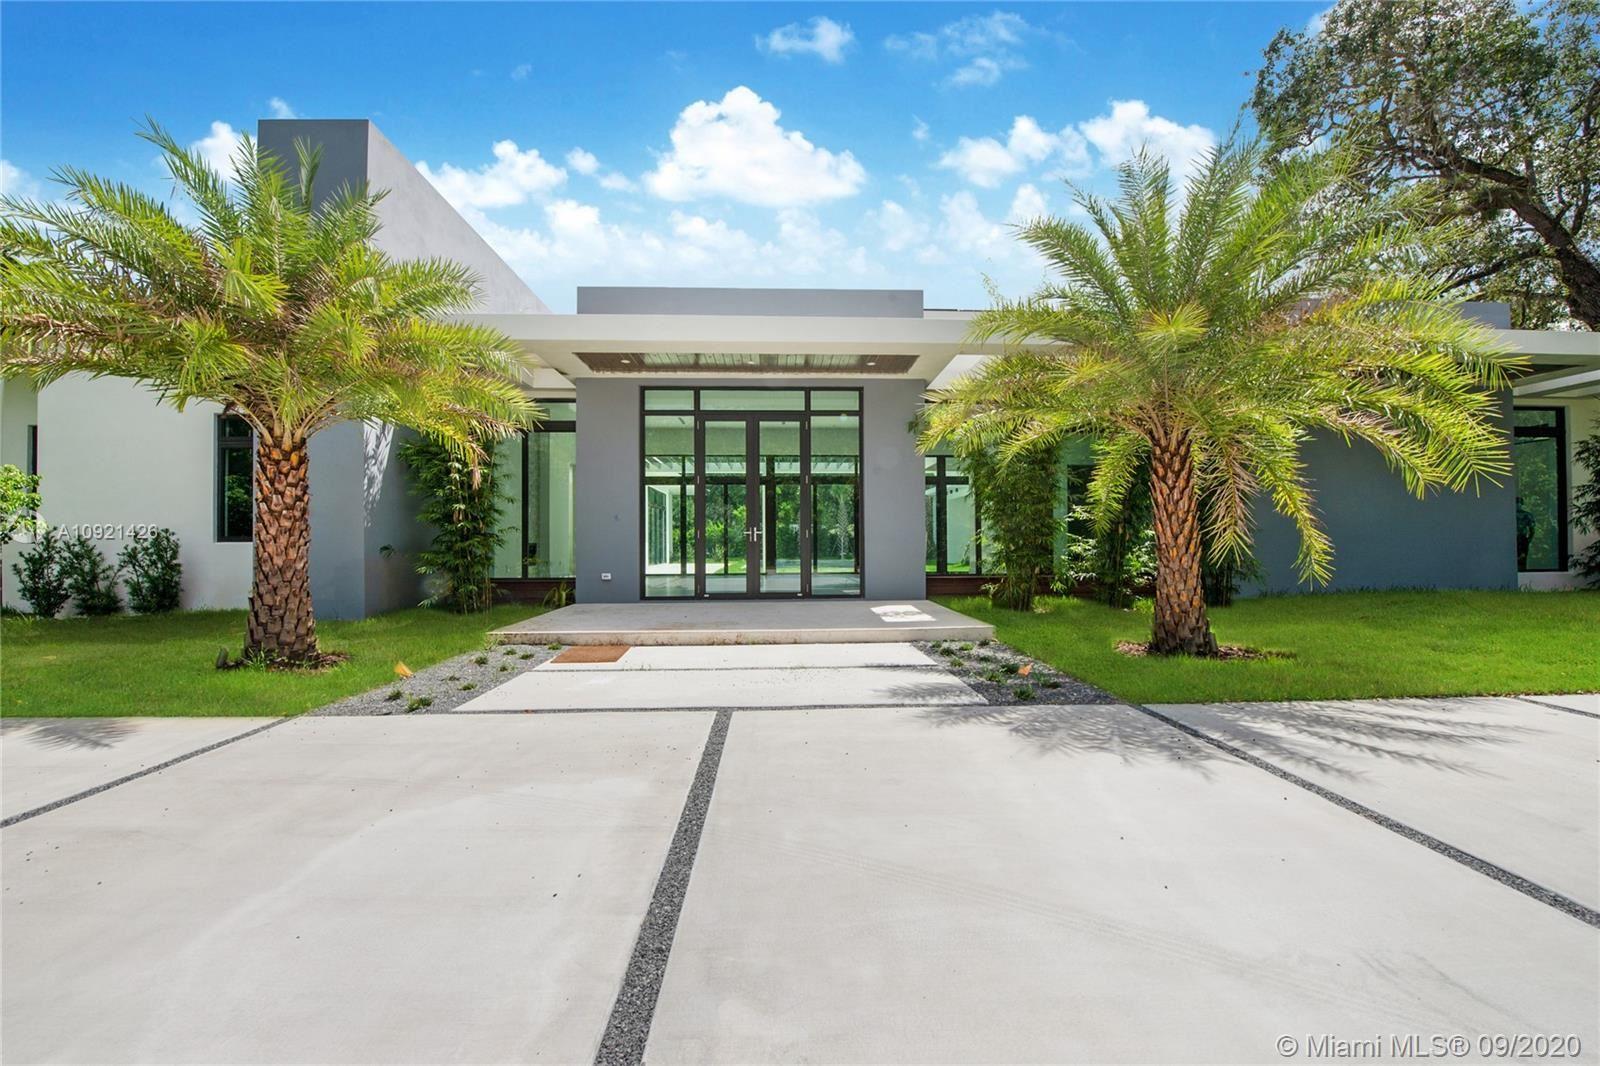 9951 SW 90 ave, Miami, FL 33176 - #: A10921426